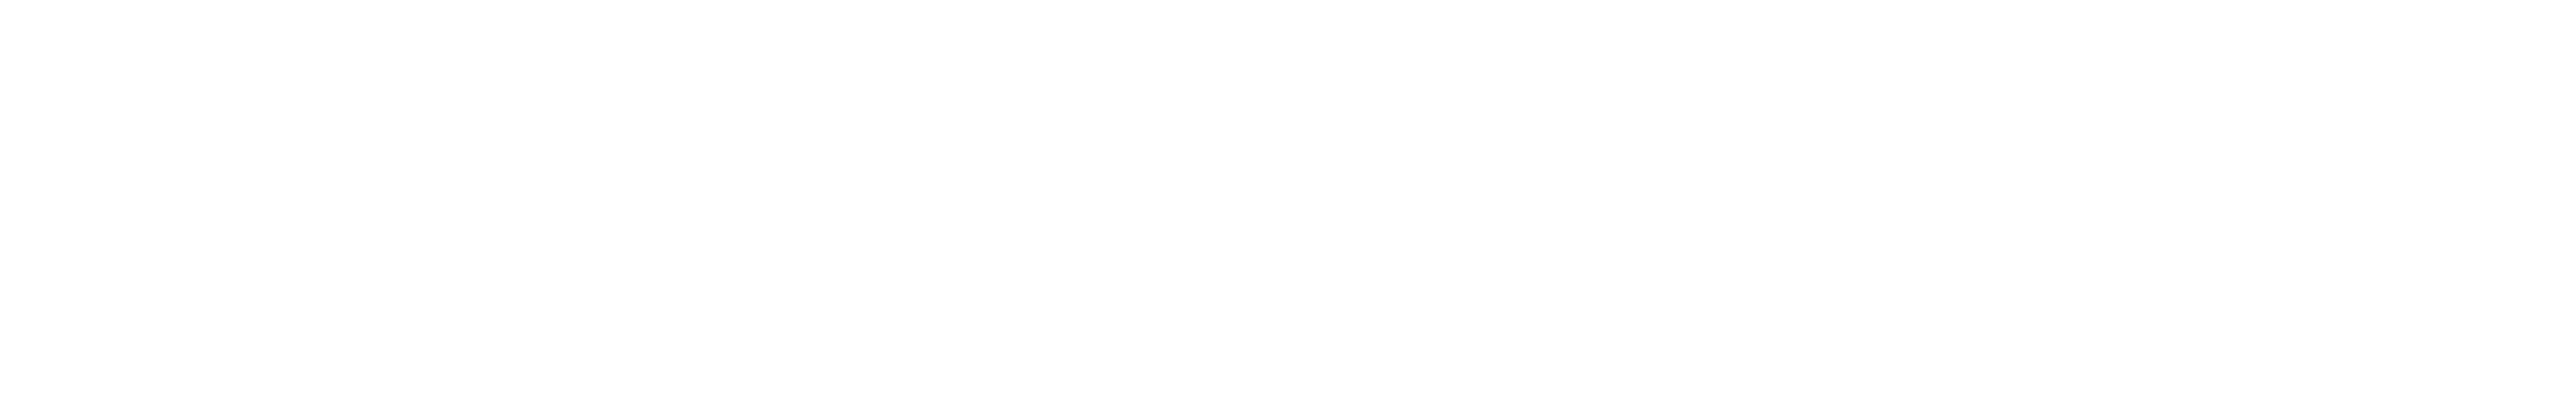 Rules For Werewolves logo